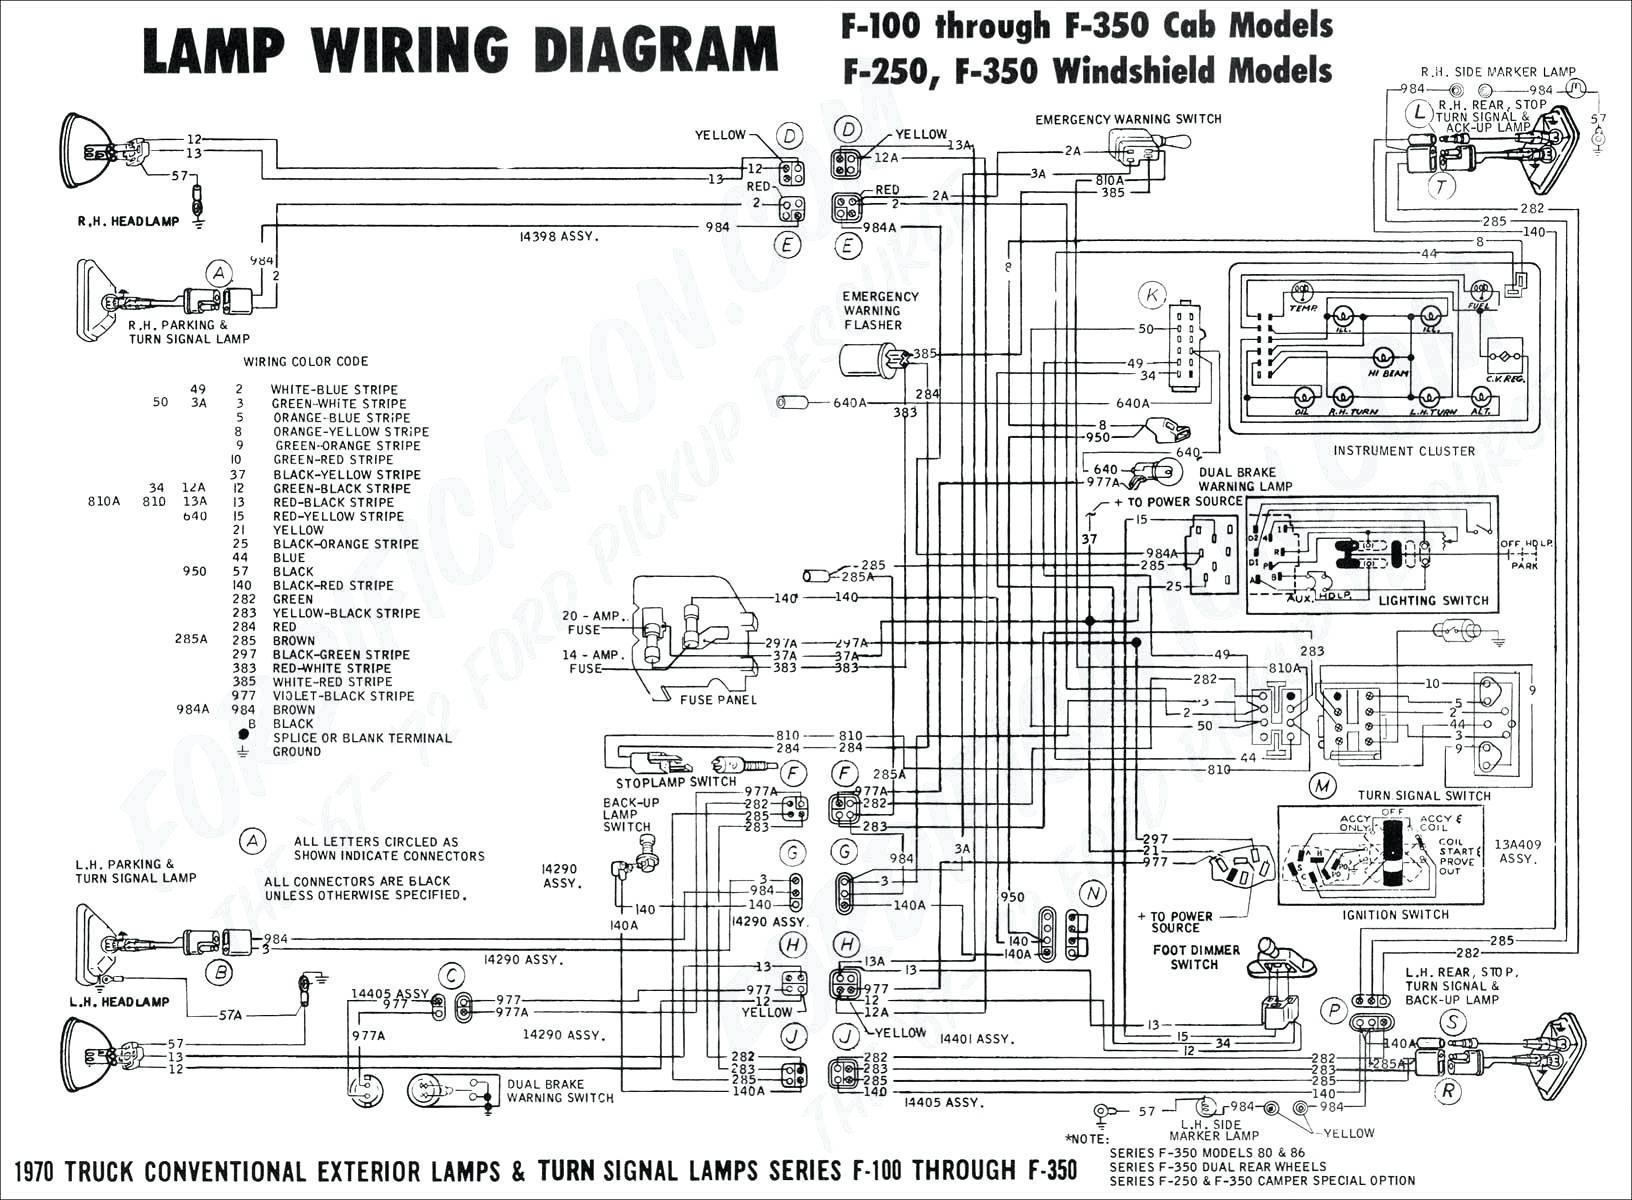 1997 ford Ranger Engine Diagram ford Ranger Engine Diagram